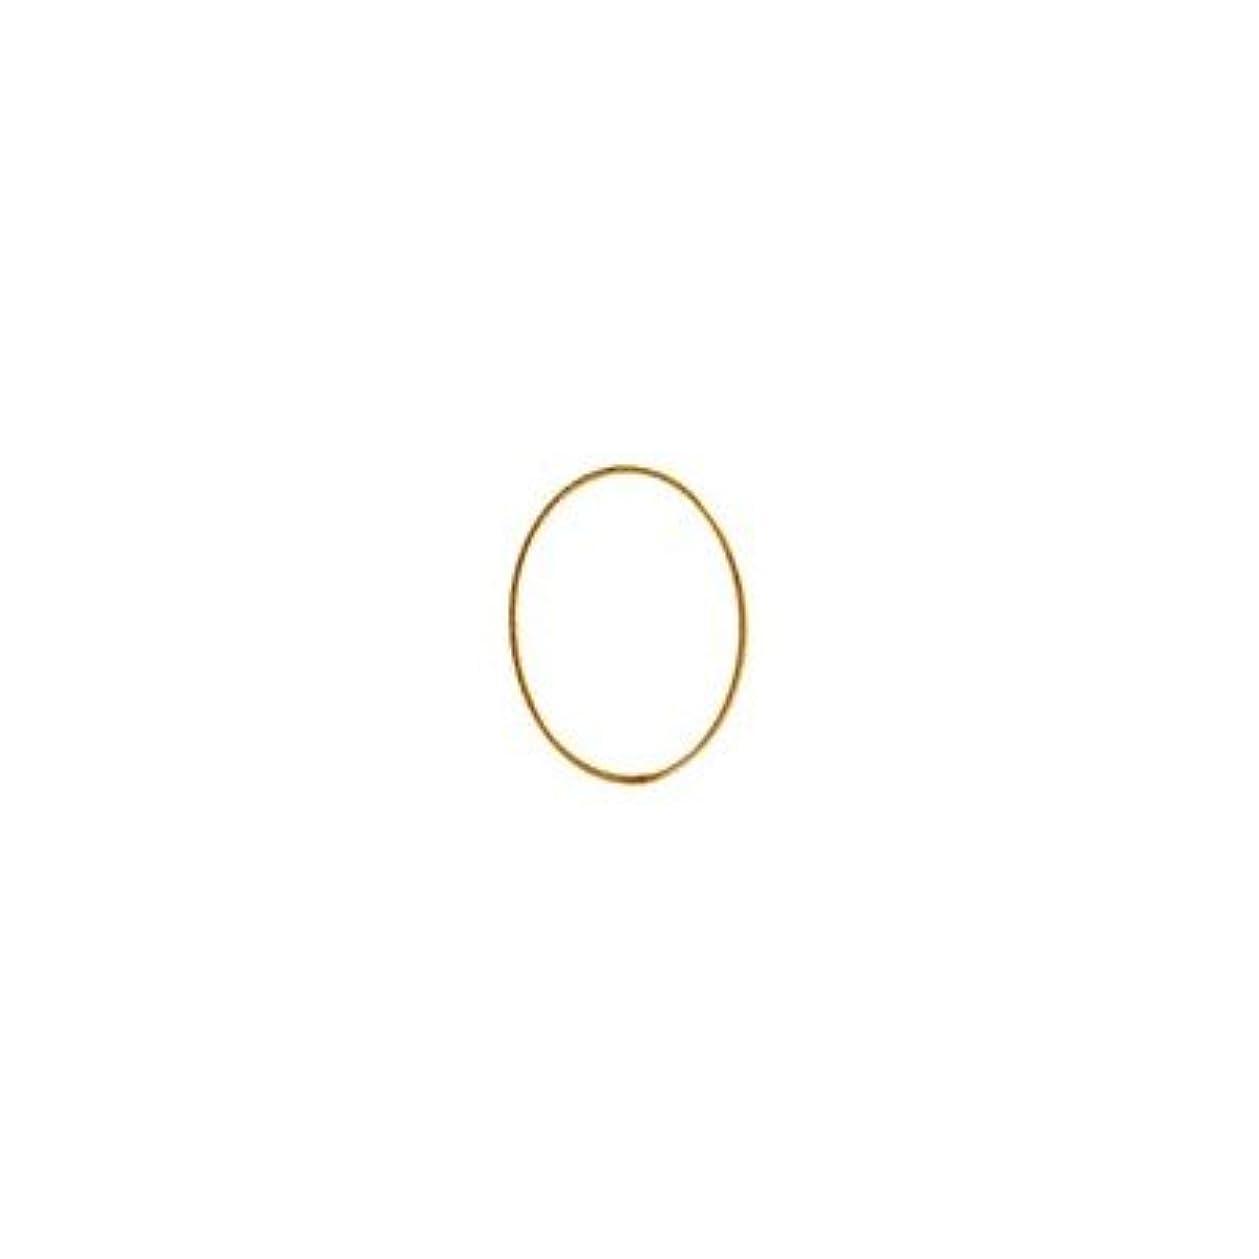 はしご制約論争シャレドワミュゼ BLC ブローチ オーバル 7×5mm ゴールド 10p